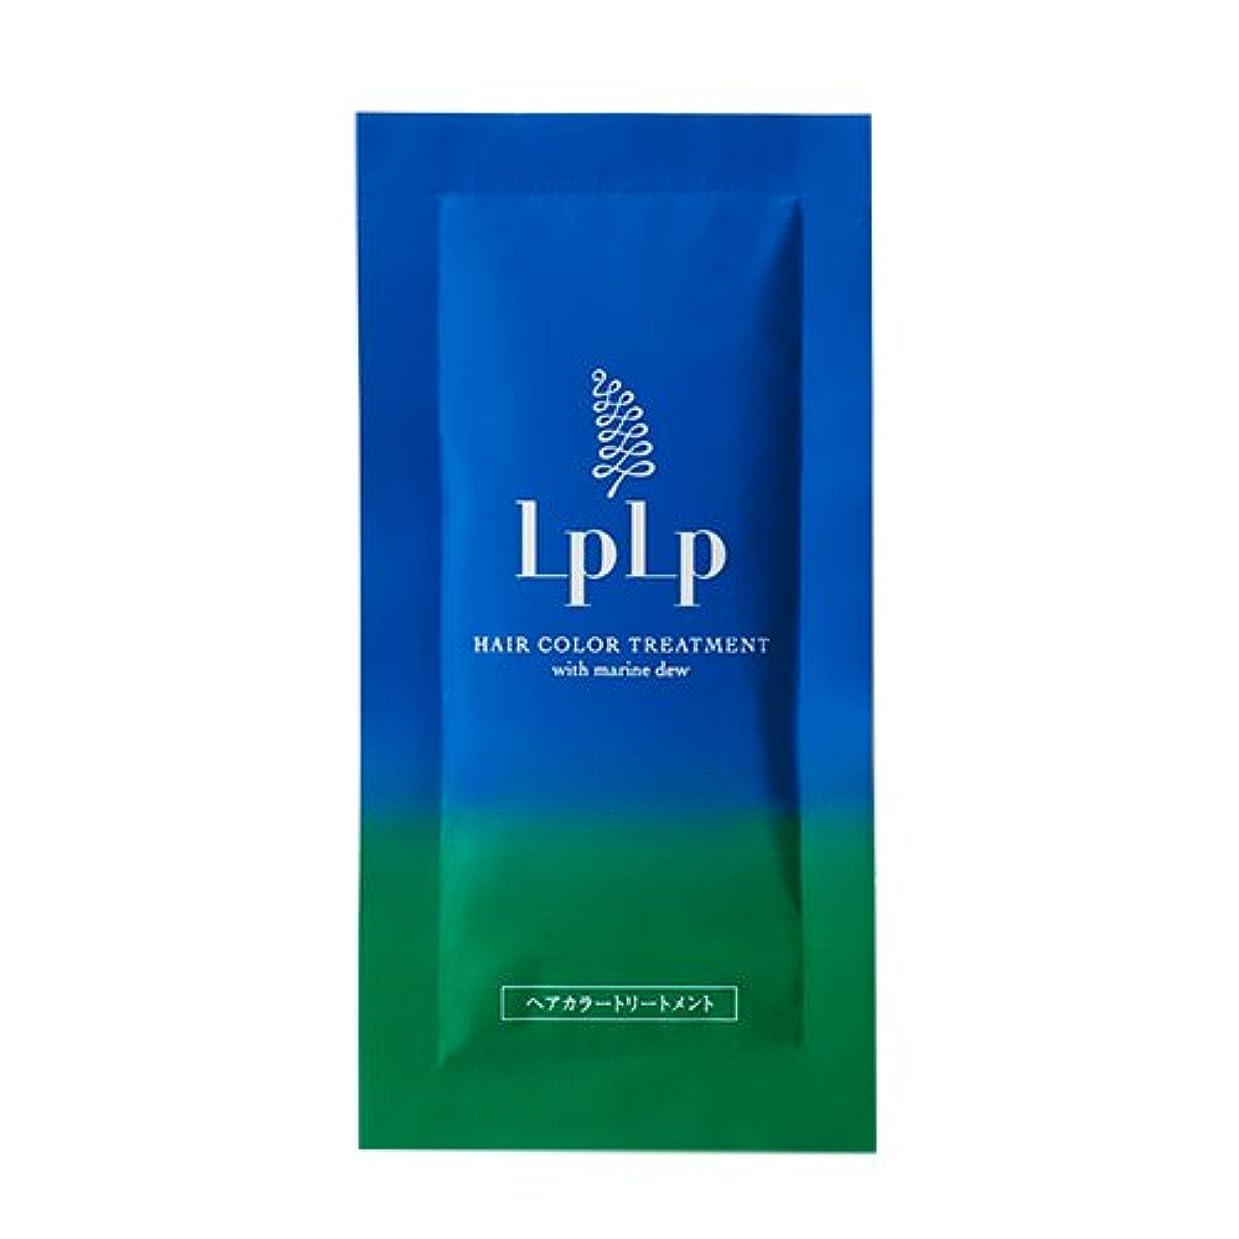 線形抽象化論理的にLPLP(ルプルプ)ヘアカラートリートメントお試しパウチ ダークブラウン